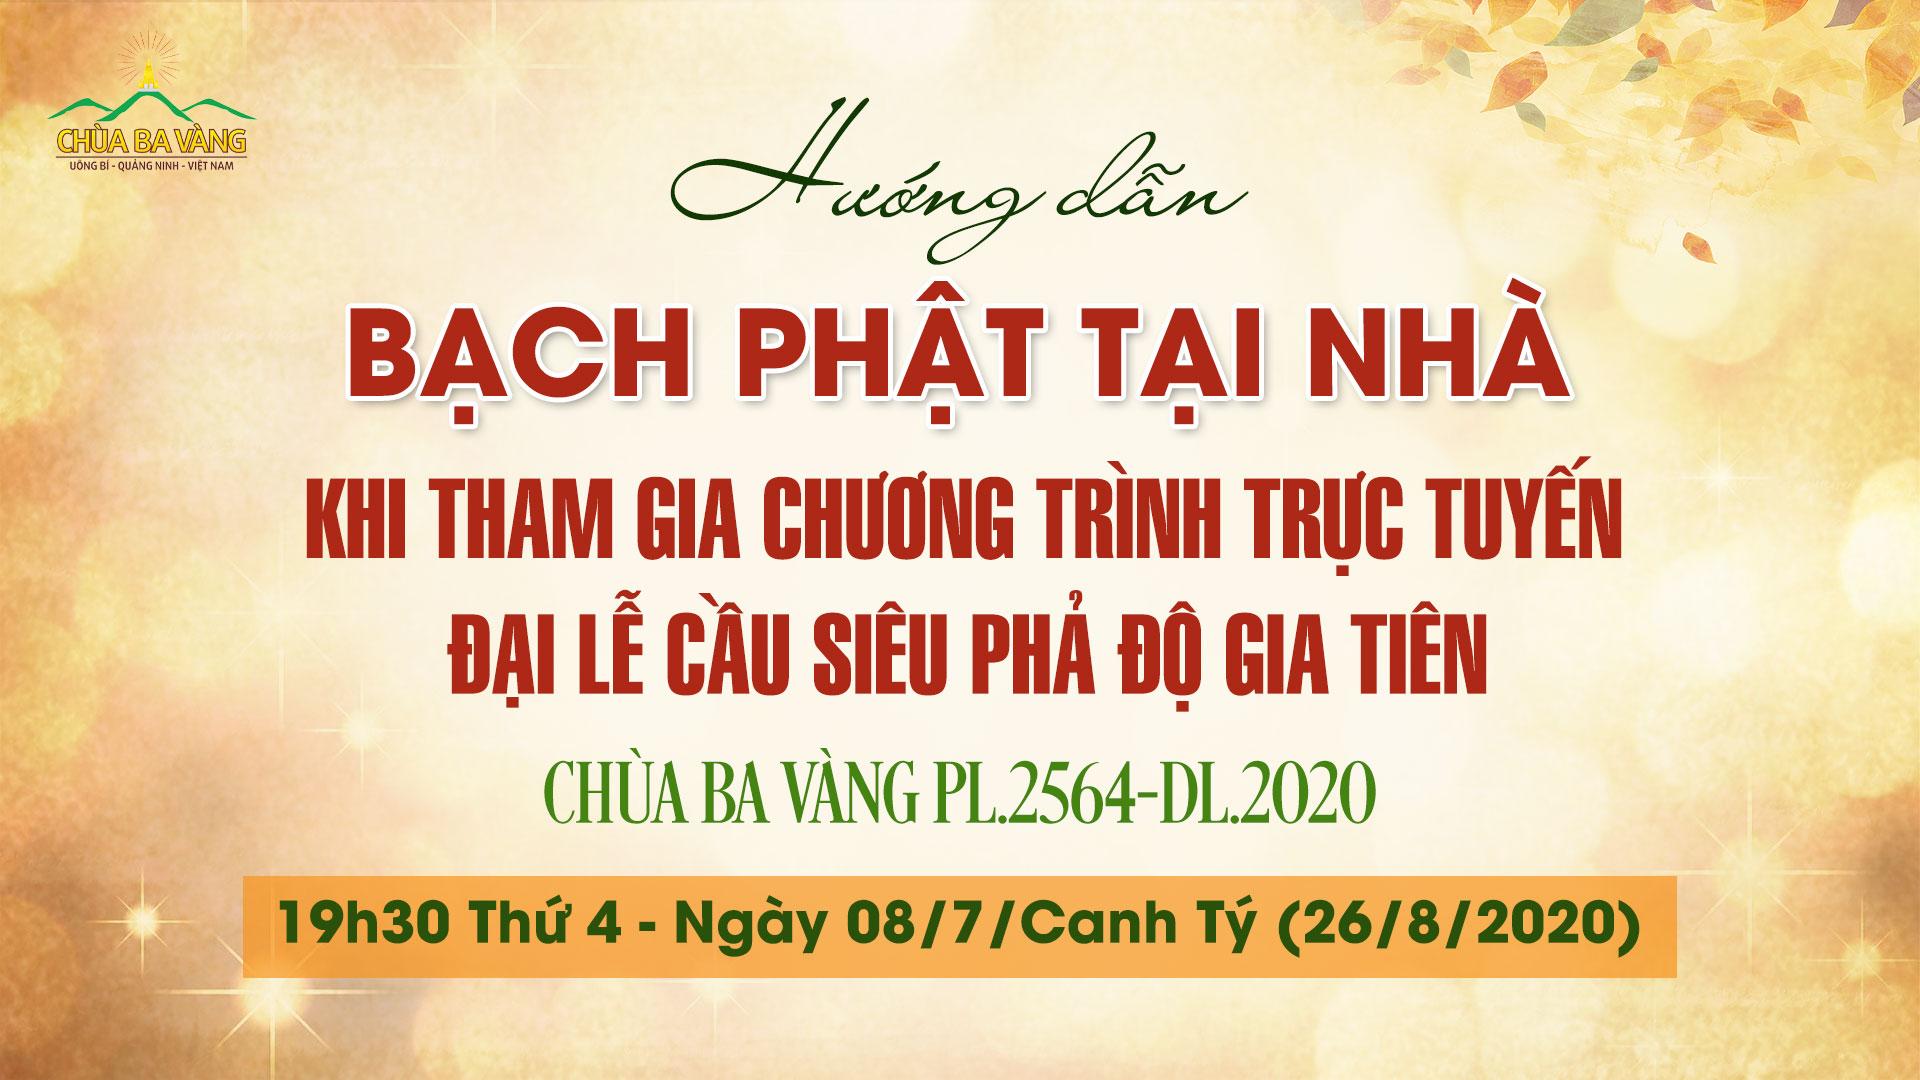 Hướng dẫn bạch Phật tại nhà khi tham gia chương trình trực tuyến Đại lễ Cầu siêu Phả độ gia tiên